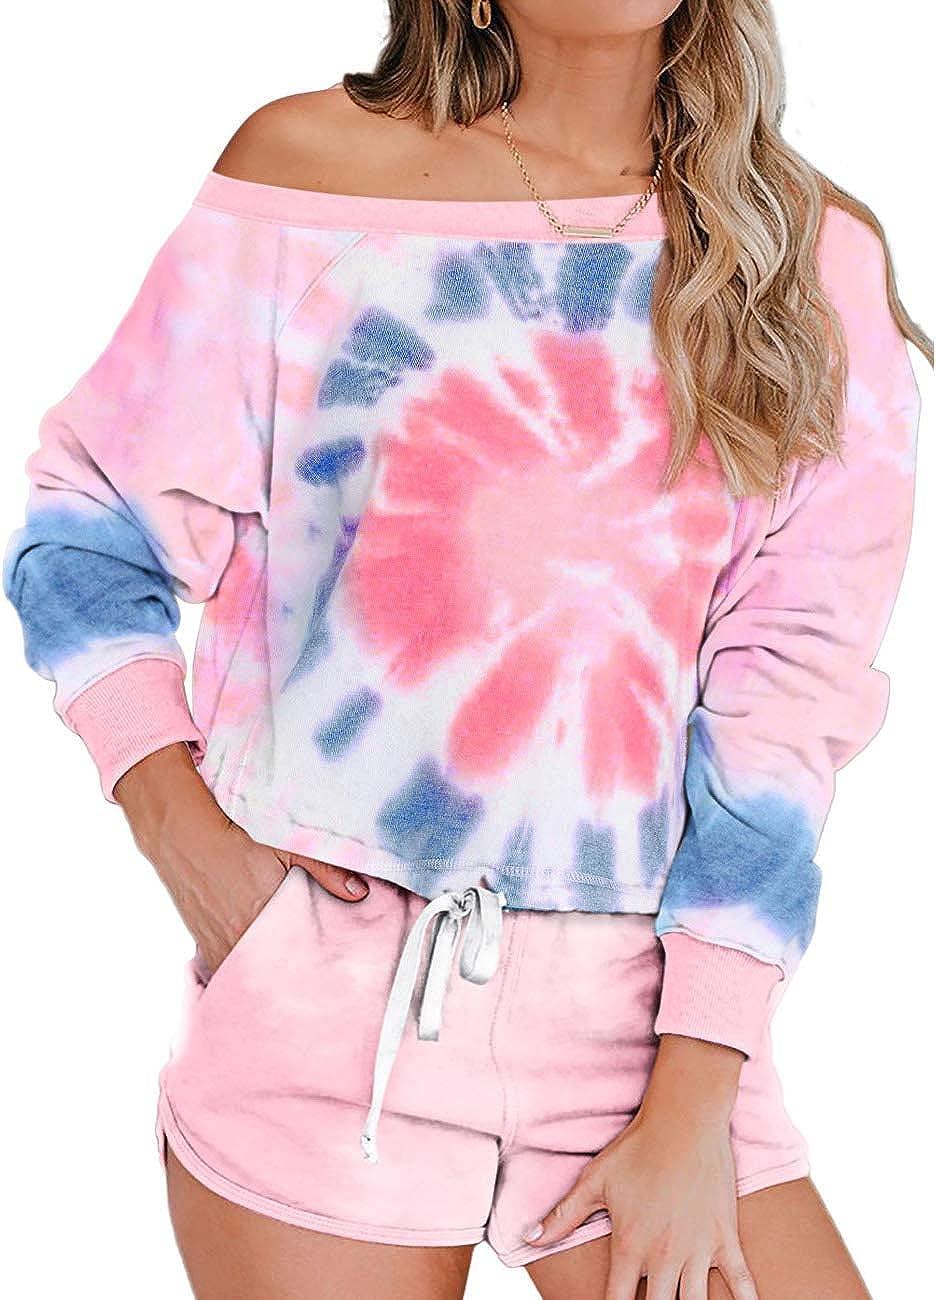 ADEWEL Womens Tie Dye Printed Long Sleeve Tops and Shorts Pajamas Set 2 Piece Pj Set Loungewear Sleepwear Nightwear